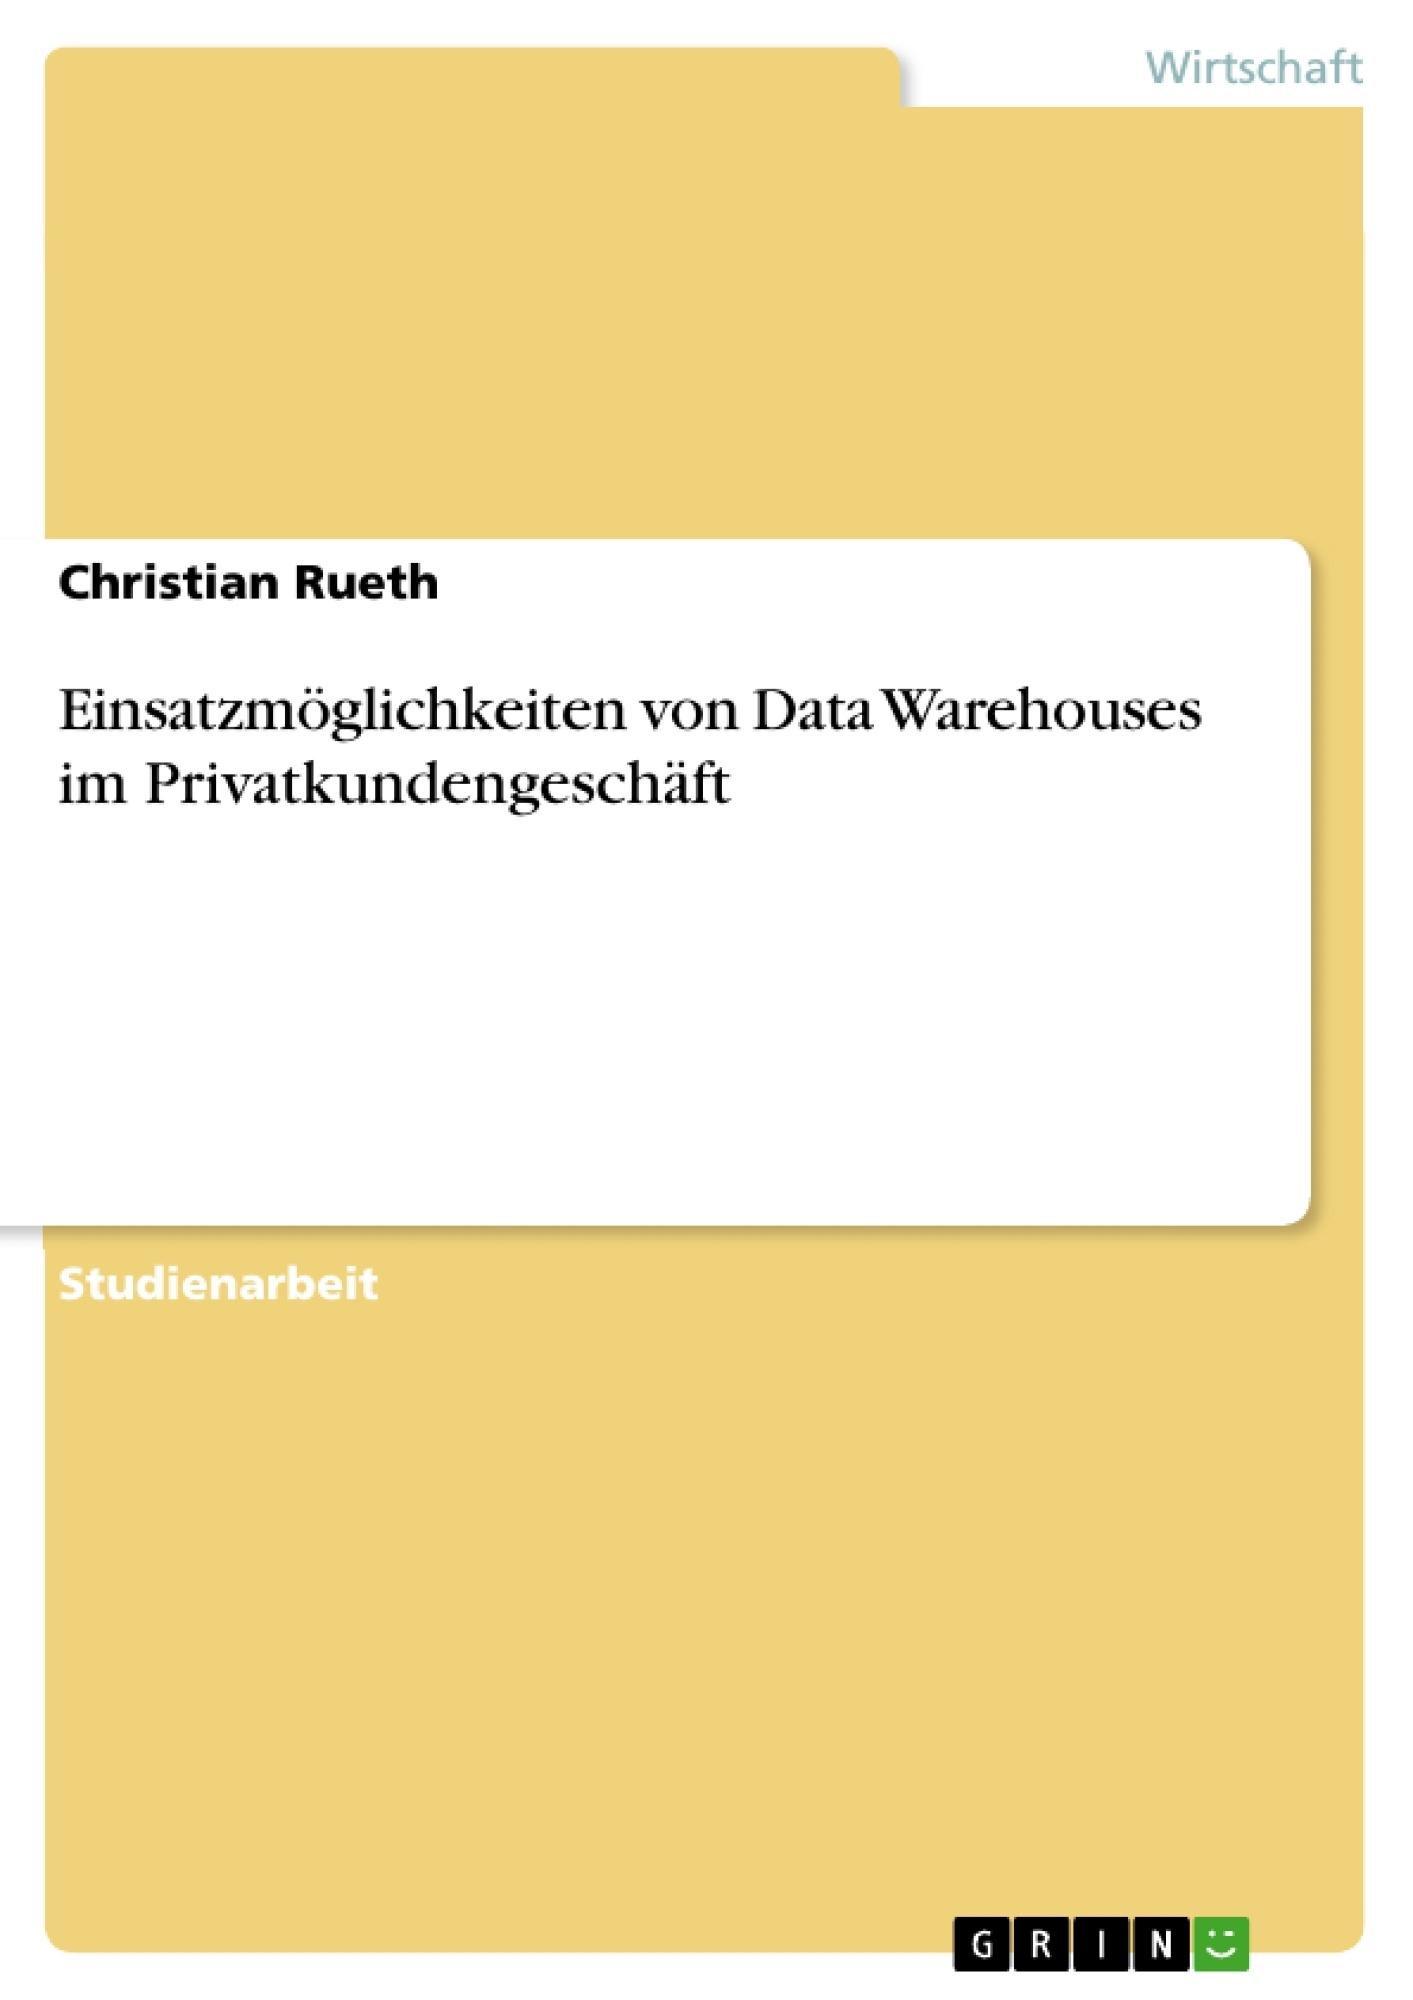 Titel: Einsatzmöglichkeiten von Data Warehouses im Privatkundengeschäft